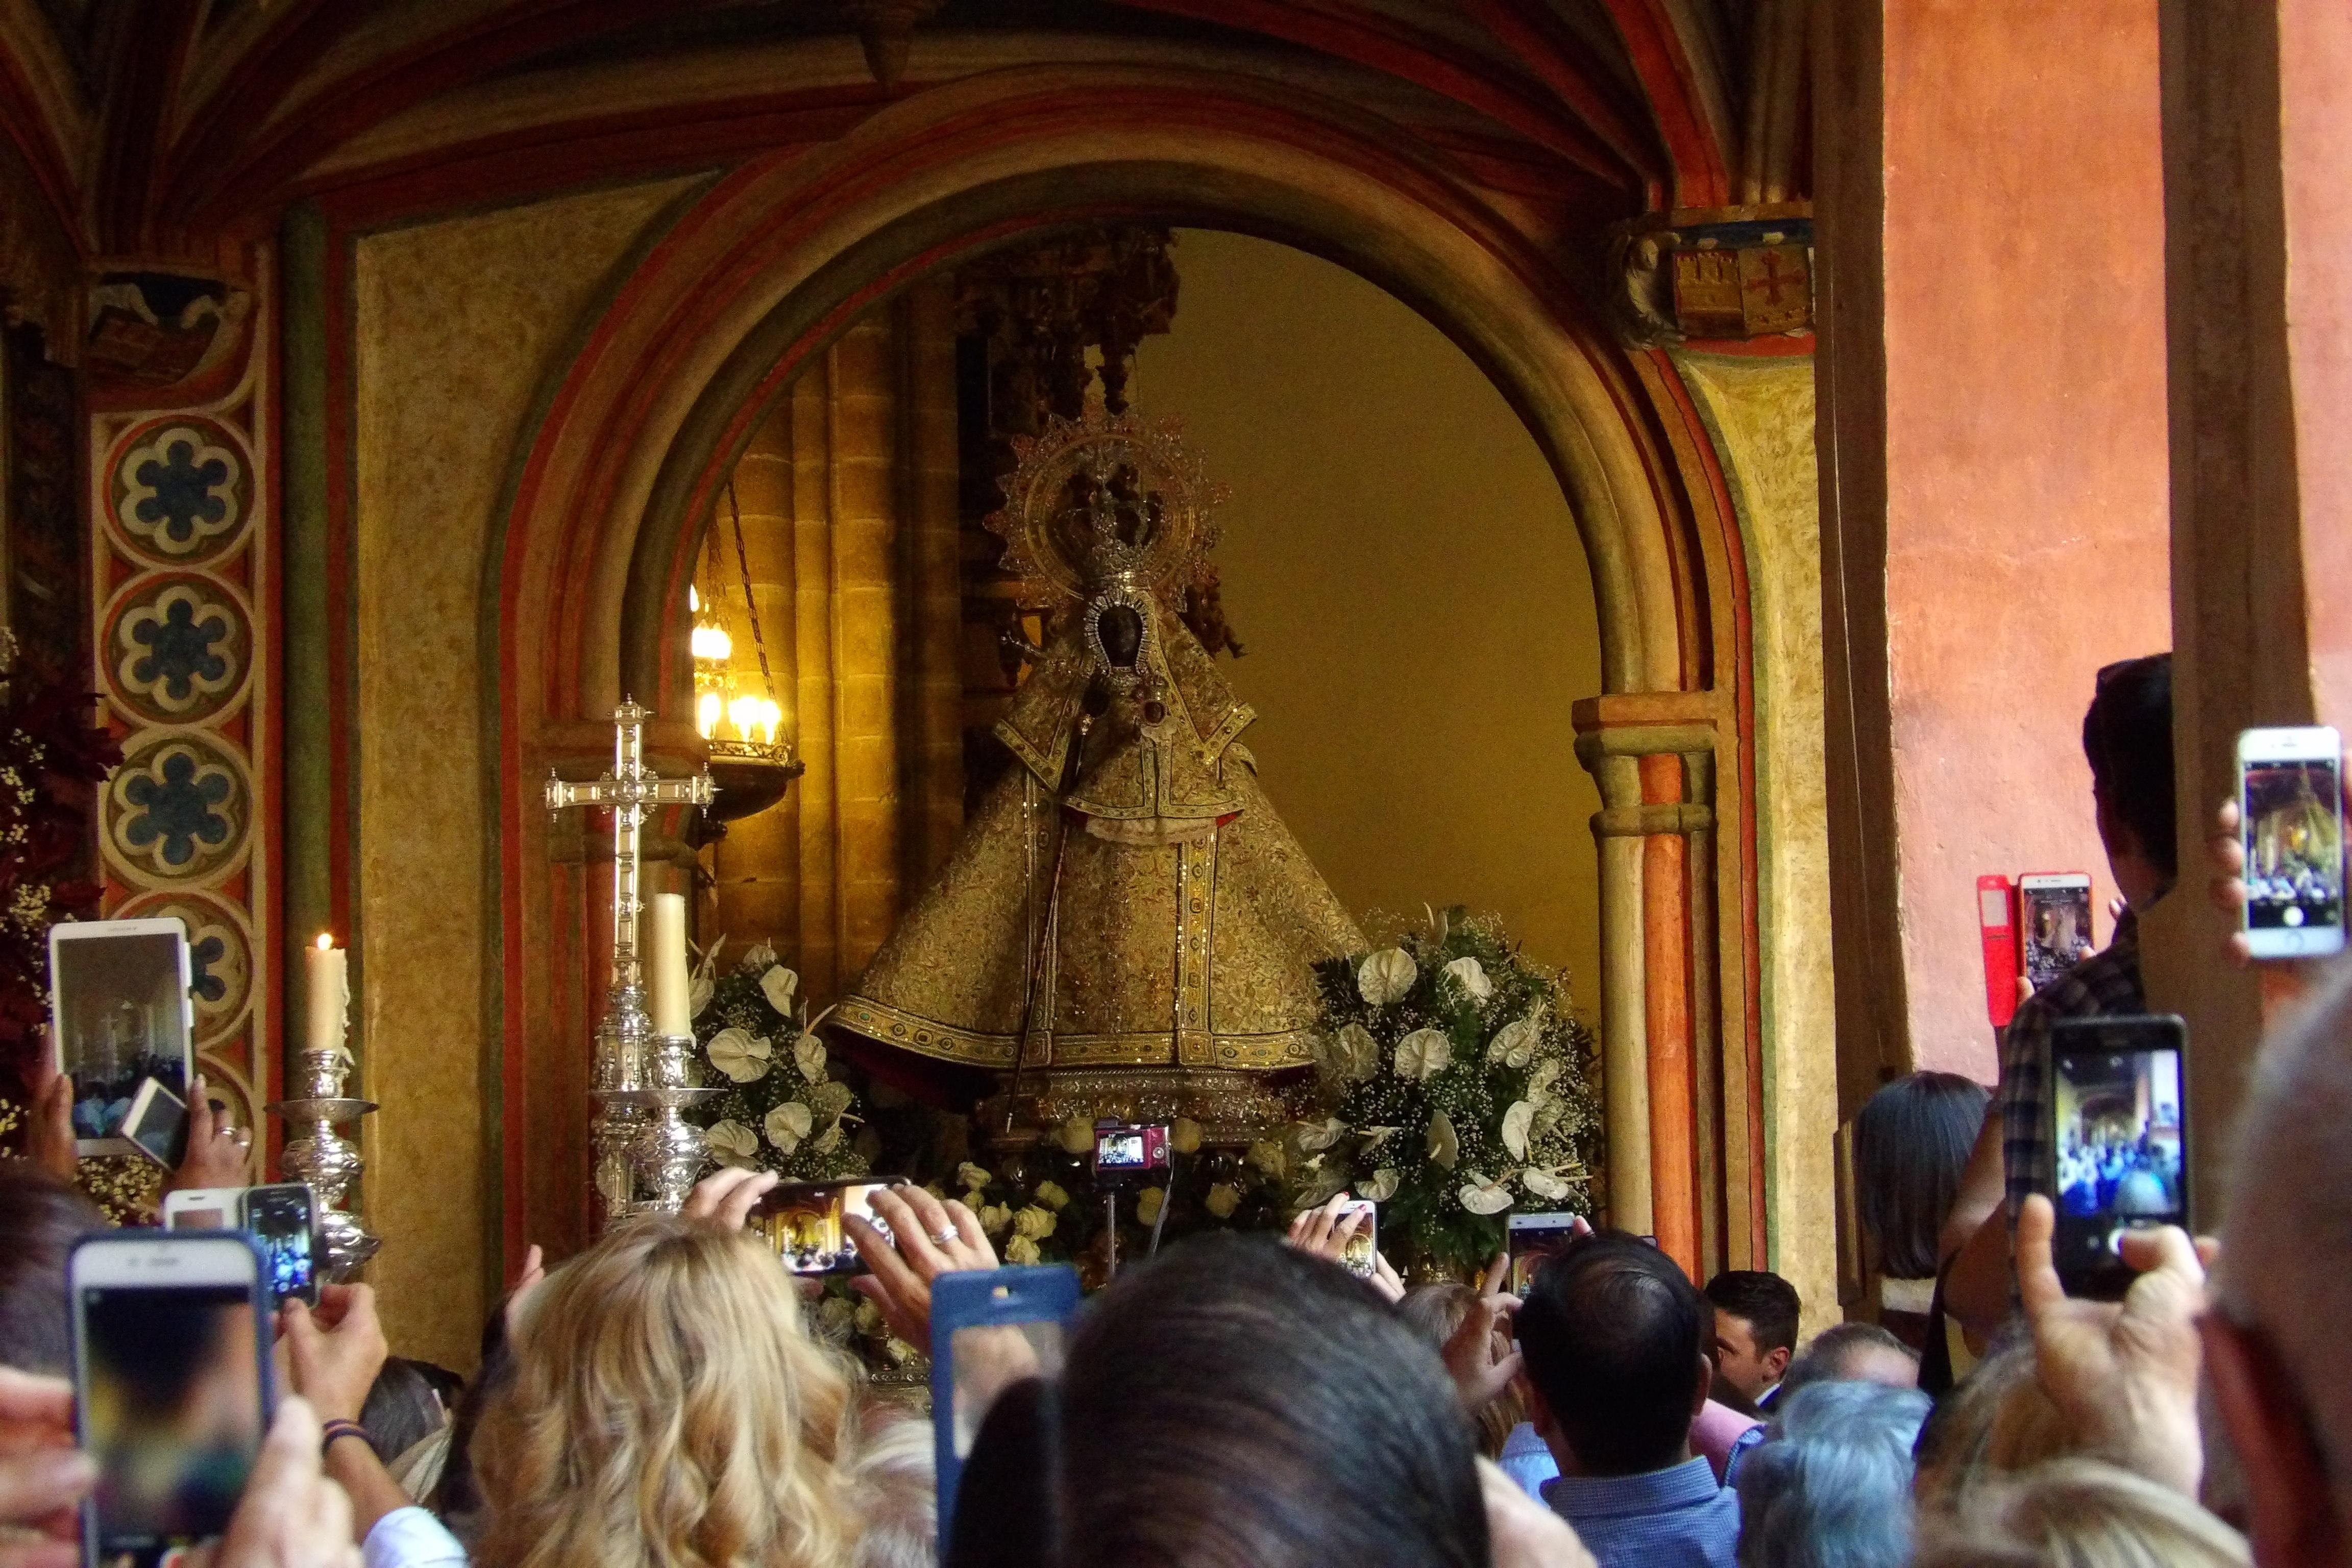 Salida de la Virgen de Guadalupe, gente fotografiando a la virgen